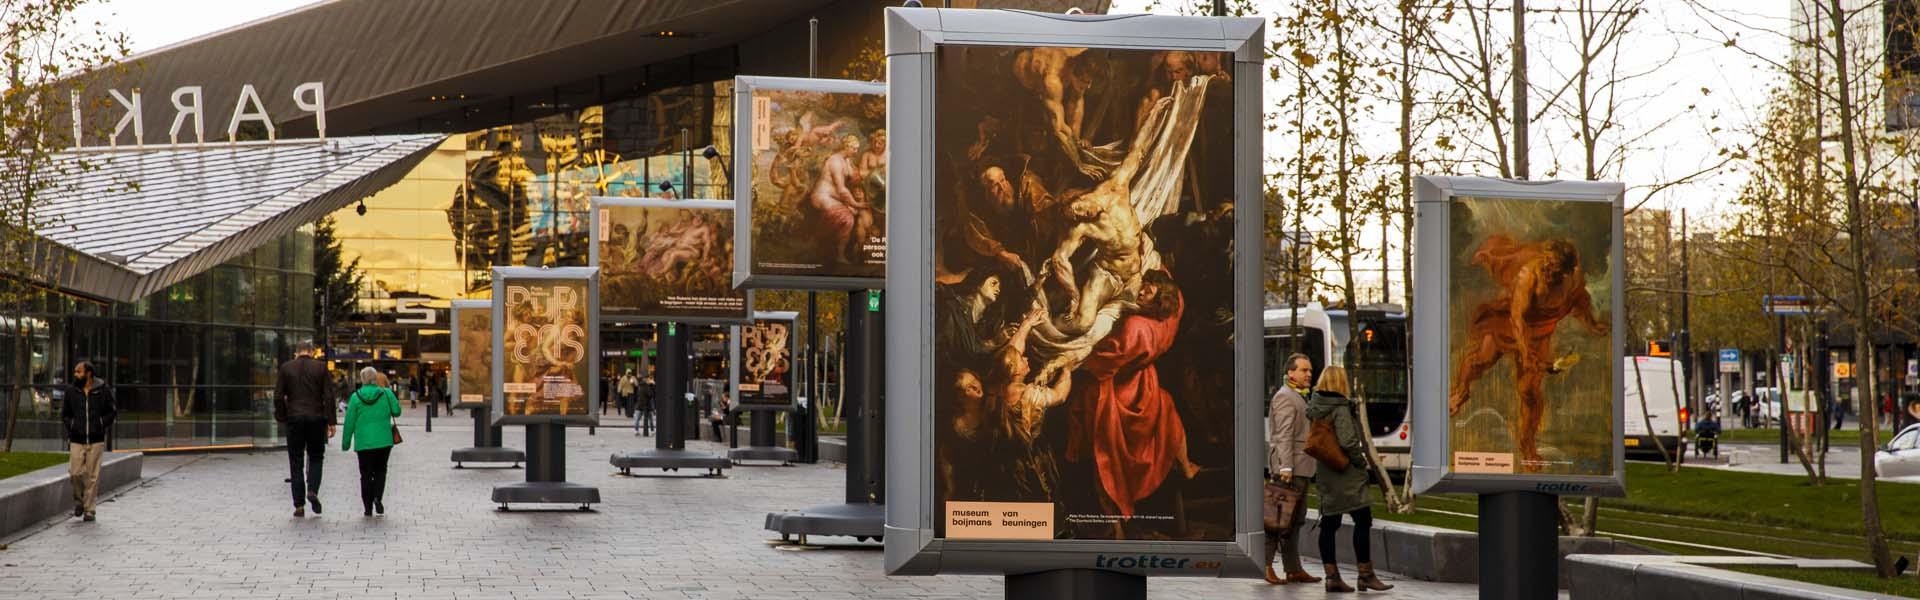 Cultureel trotter expositie rotterdam 1920x600